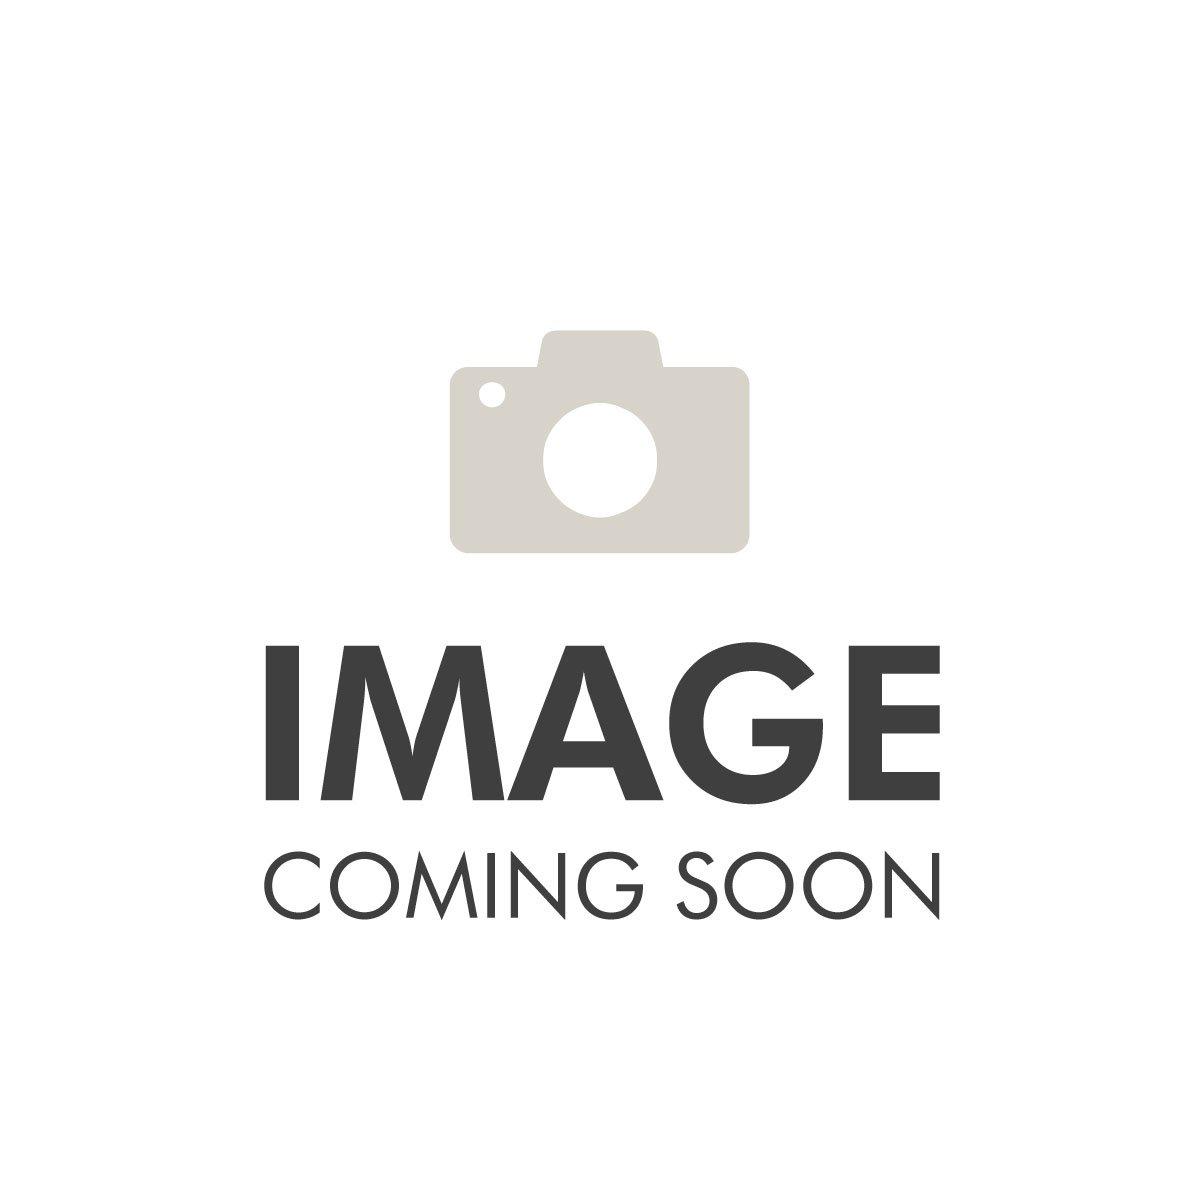 Negrini - Prise banane 3mm